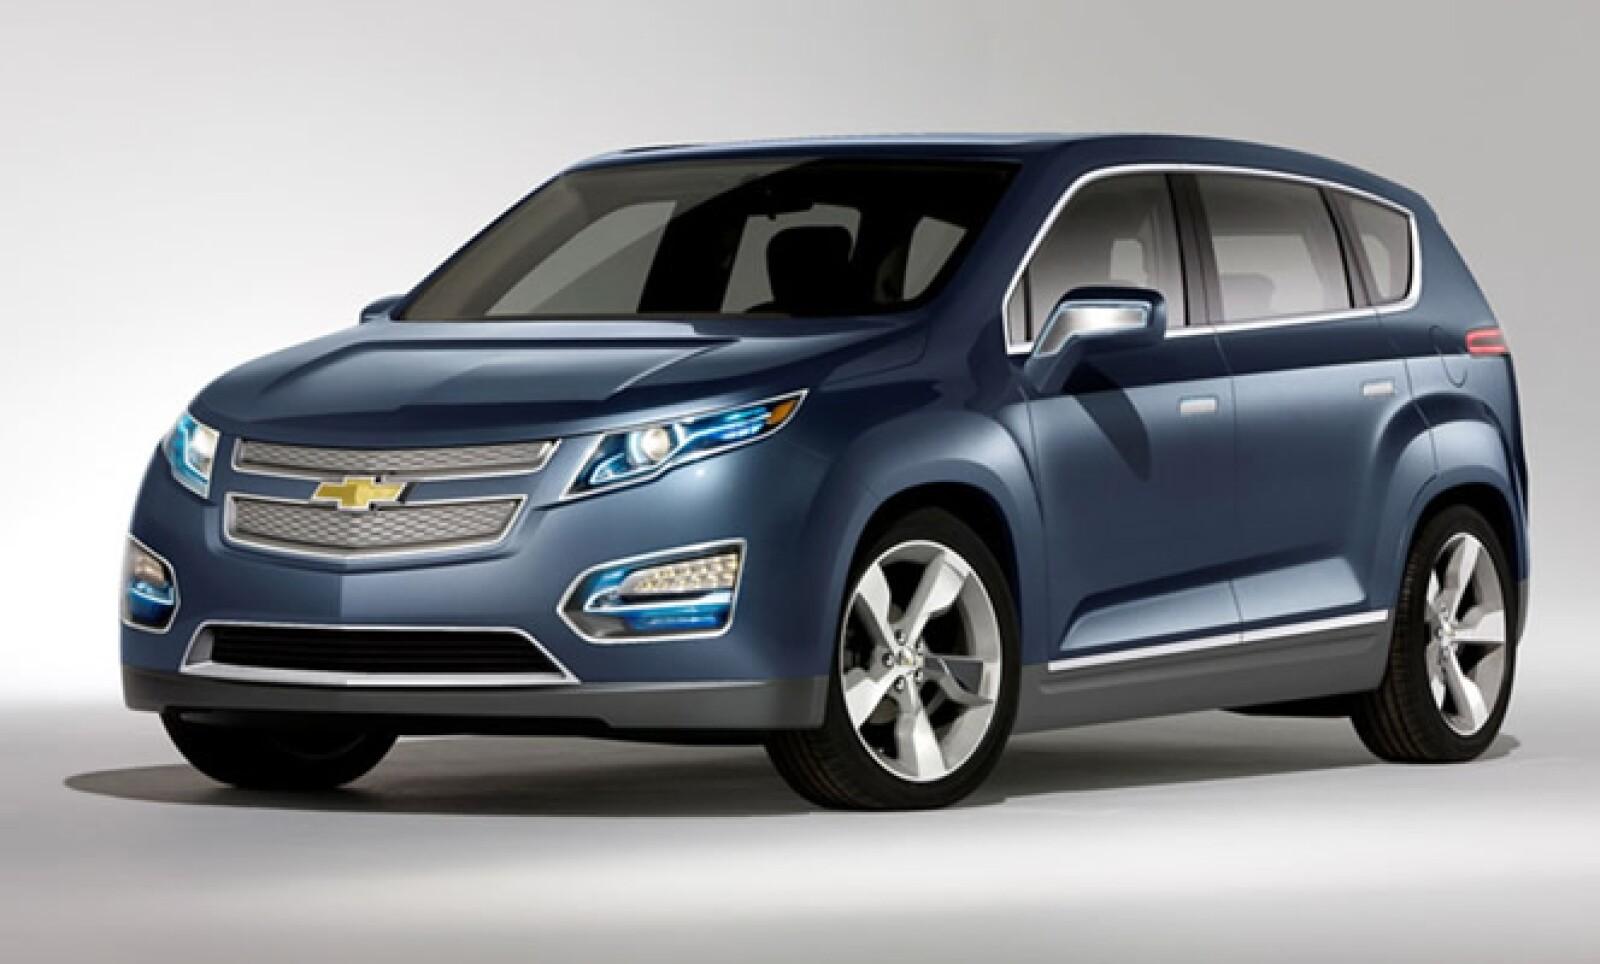 La parte mecánica de esta SUV no cambia en lo absoluto ya que seguirá siendo eléctrica de 150 hp; gracias a su motor  gasolina que servirá de generador para las baterías, generará una sustentabilidad de 482 kilómetros por recarga.